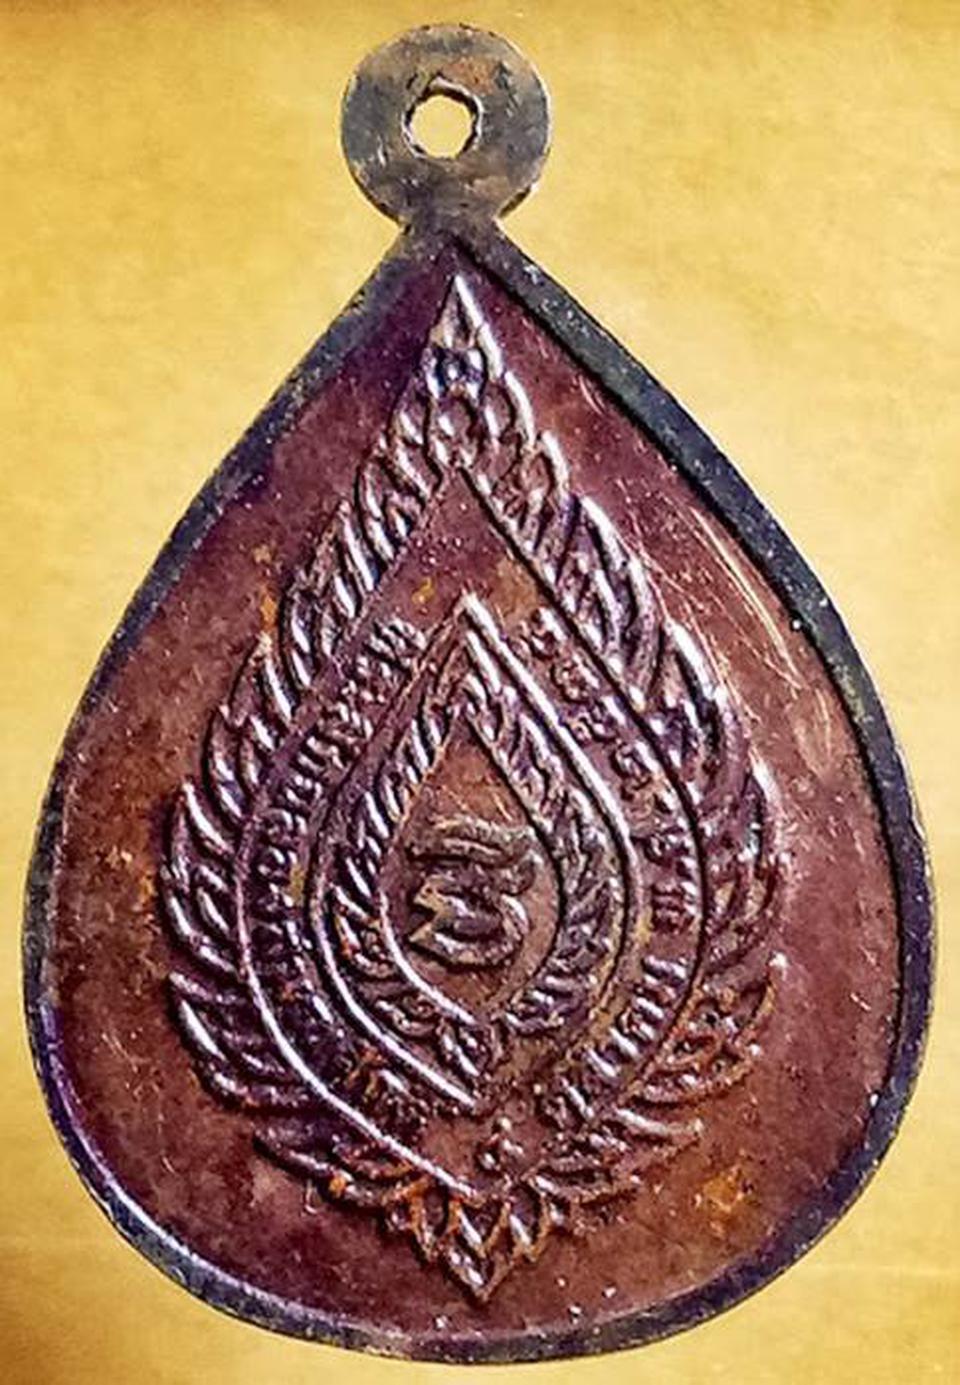 เหรียญเลื่อนสมณศักดิ์ หลวงพ่อคูณ ปี35 พิมพ์หยดน้ำ รูปที่ 1